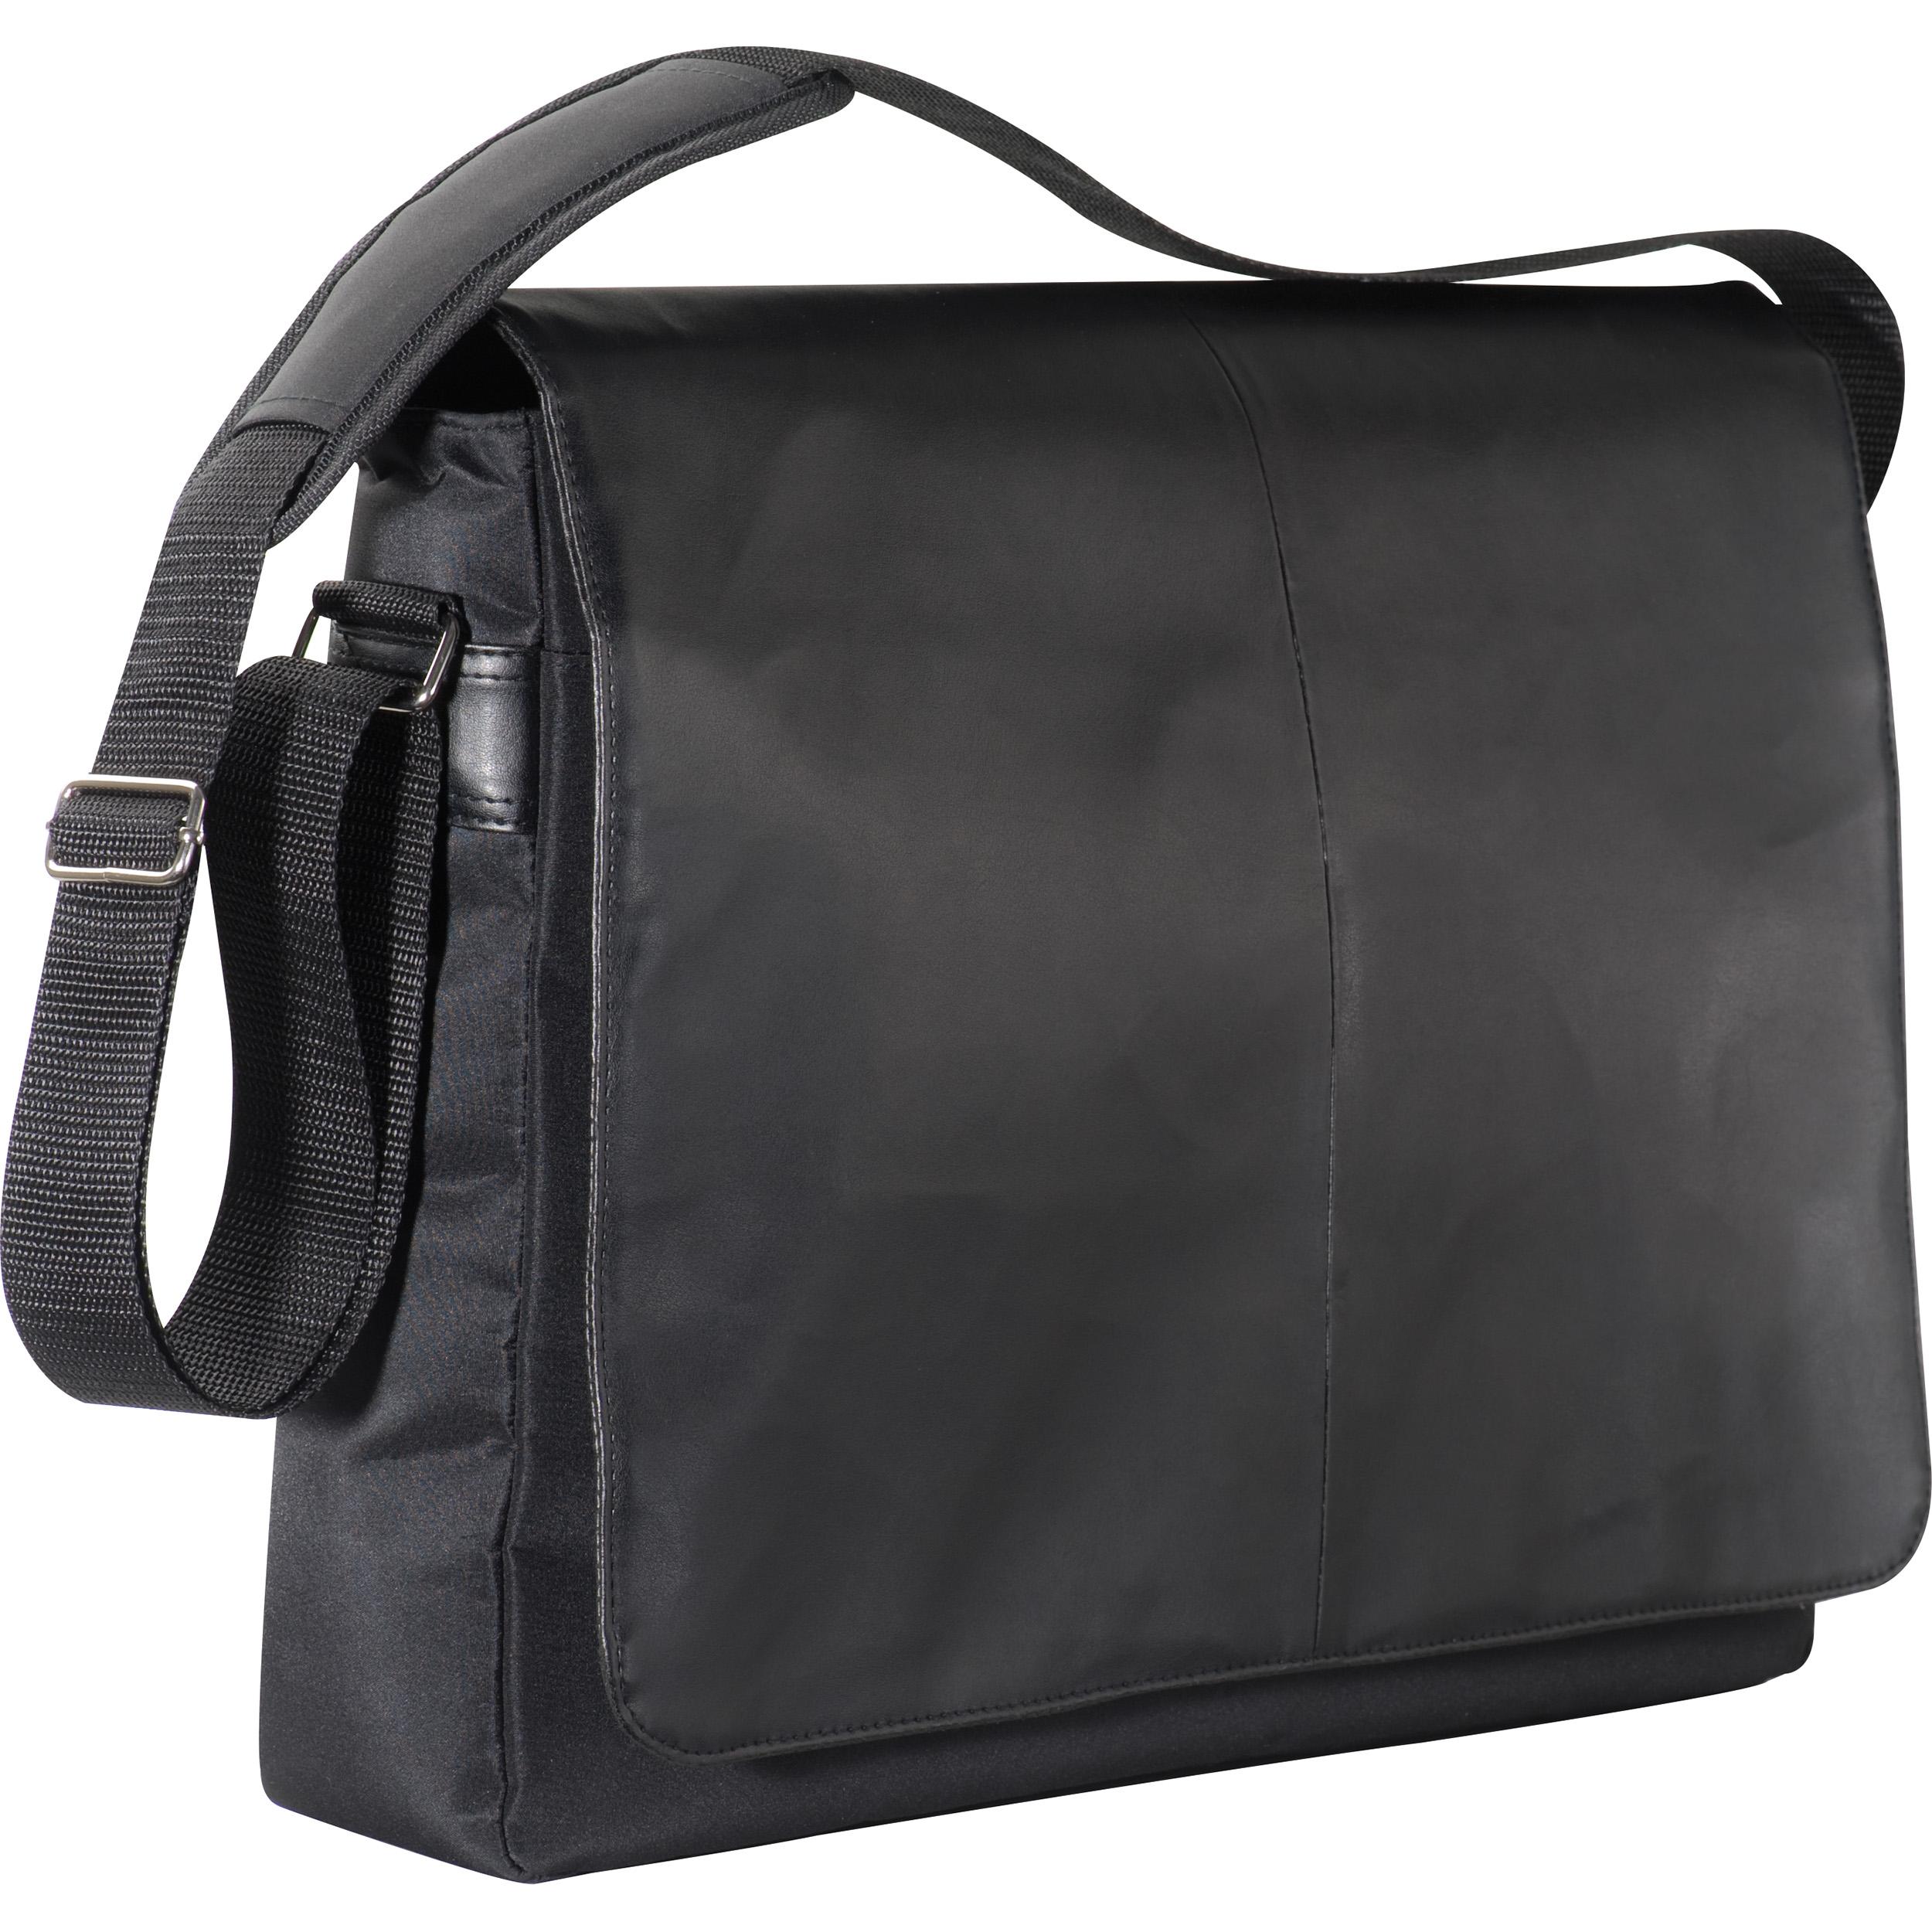 Black laptop bag with PVC flap